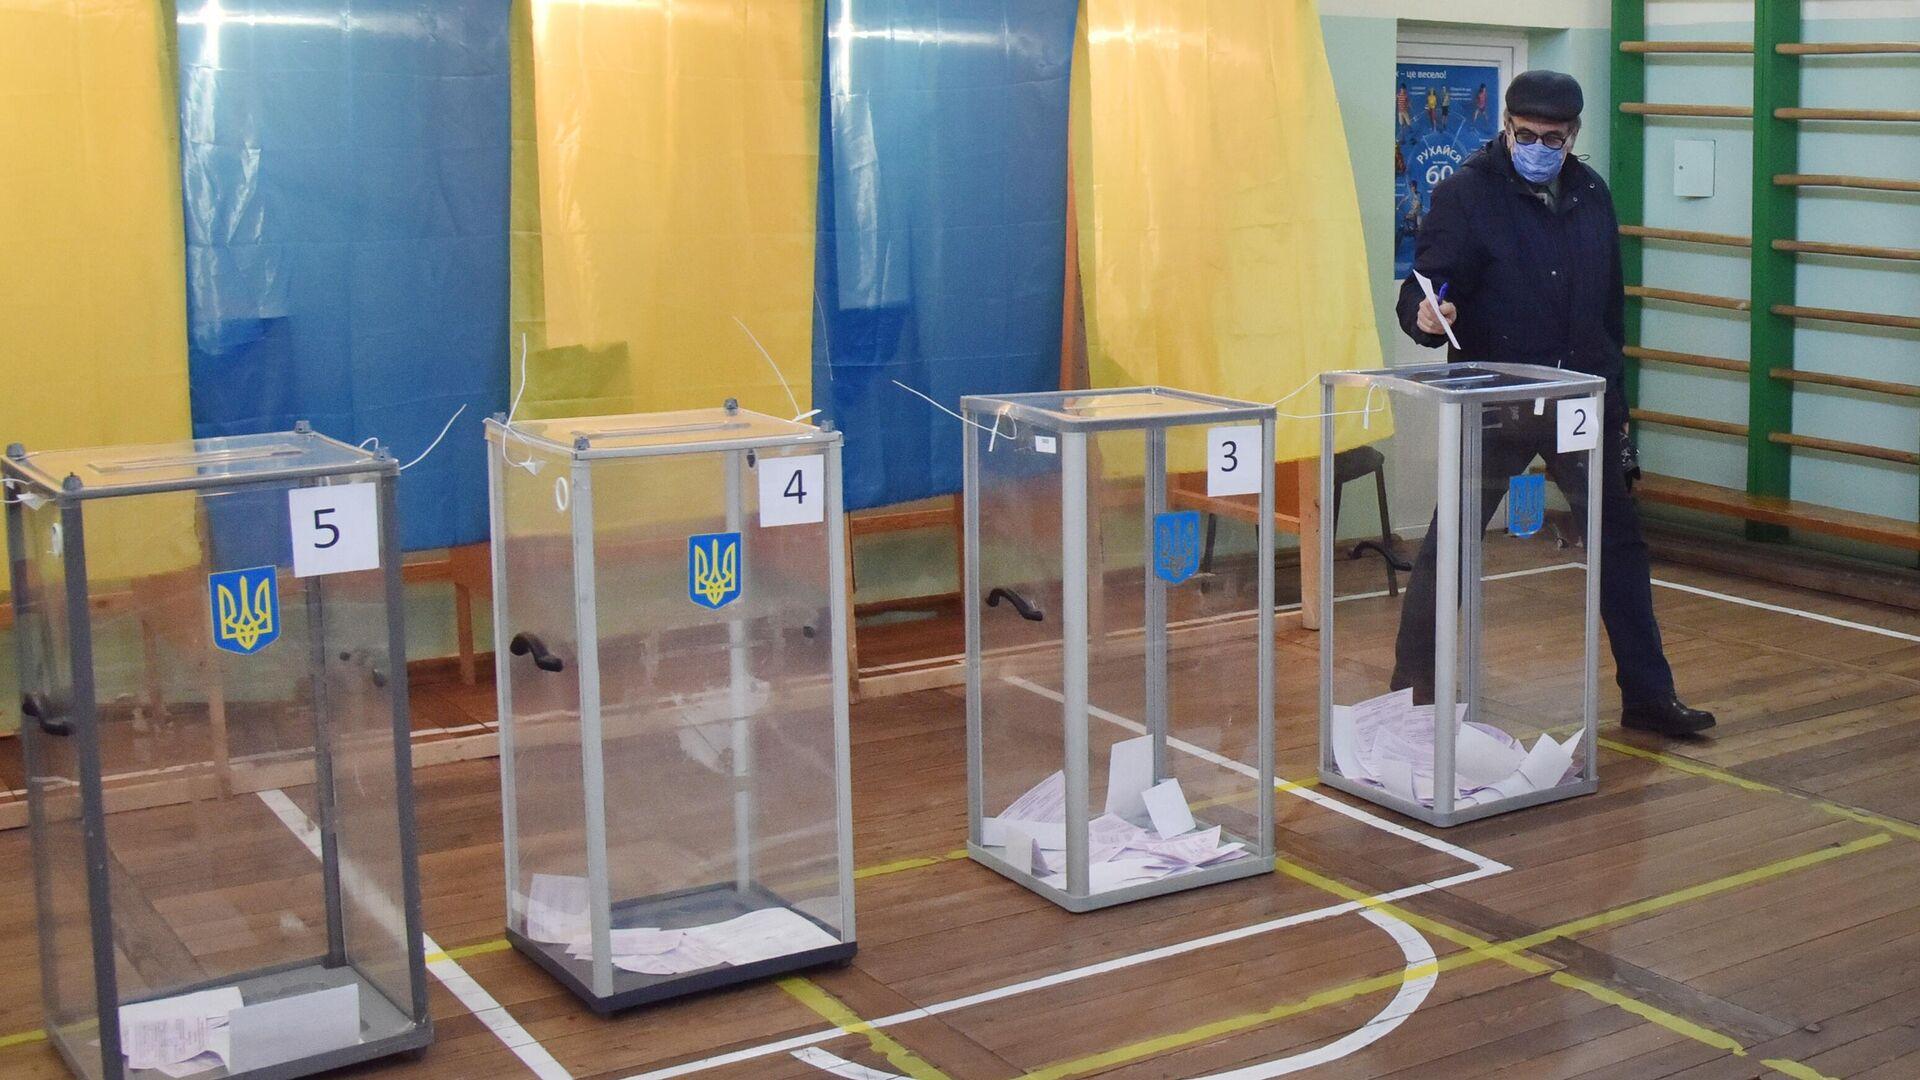 Мужчина голосует на избирательном участке во Львове - РИА Новости, 1920, 22.11.2020